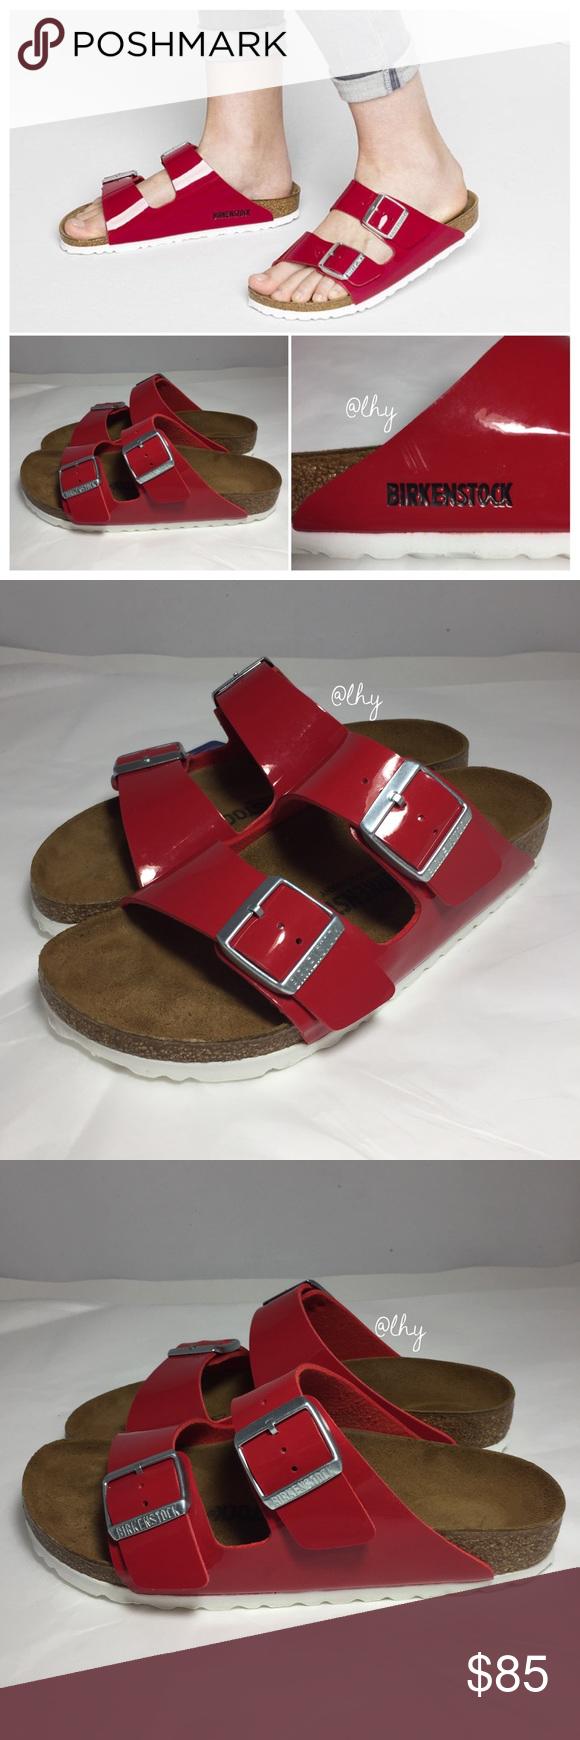 02922d9c48a BIRKENSTOCK ARIZONA BIRKO FLOR PATENT SANDALS SZ6N Authentic NWT Birkenstock  Arizona Sandals in Birko-Flor